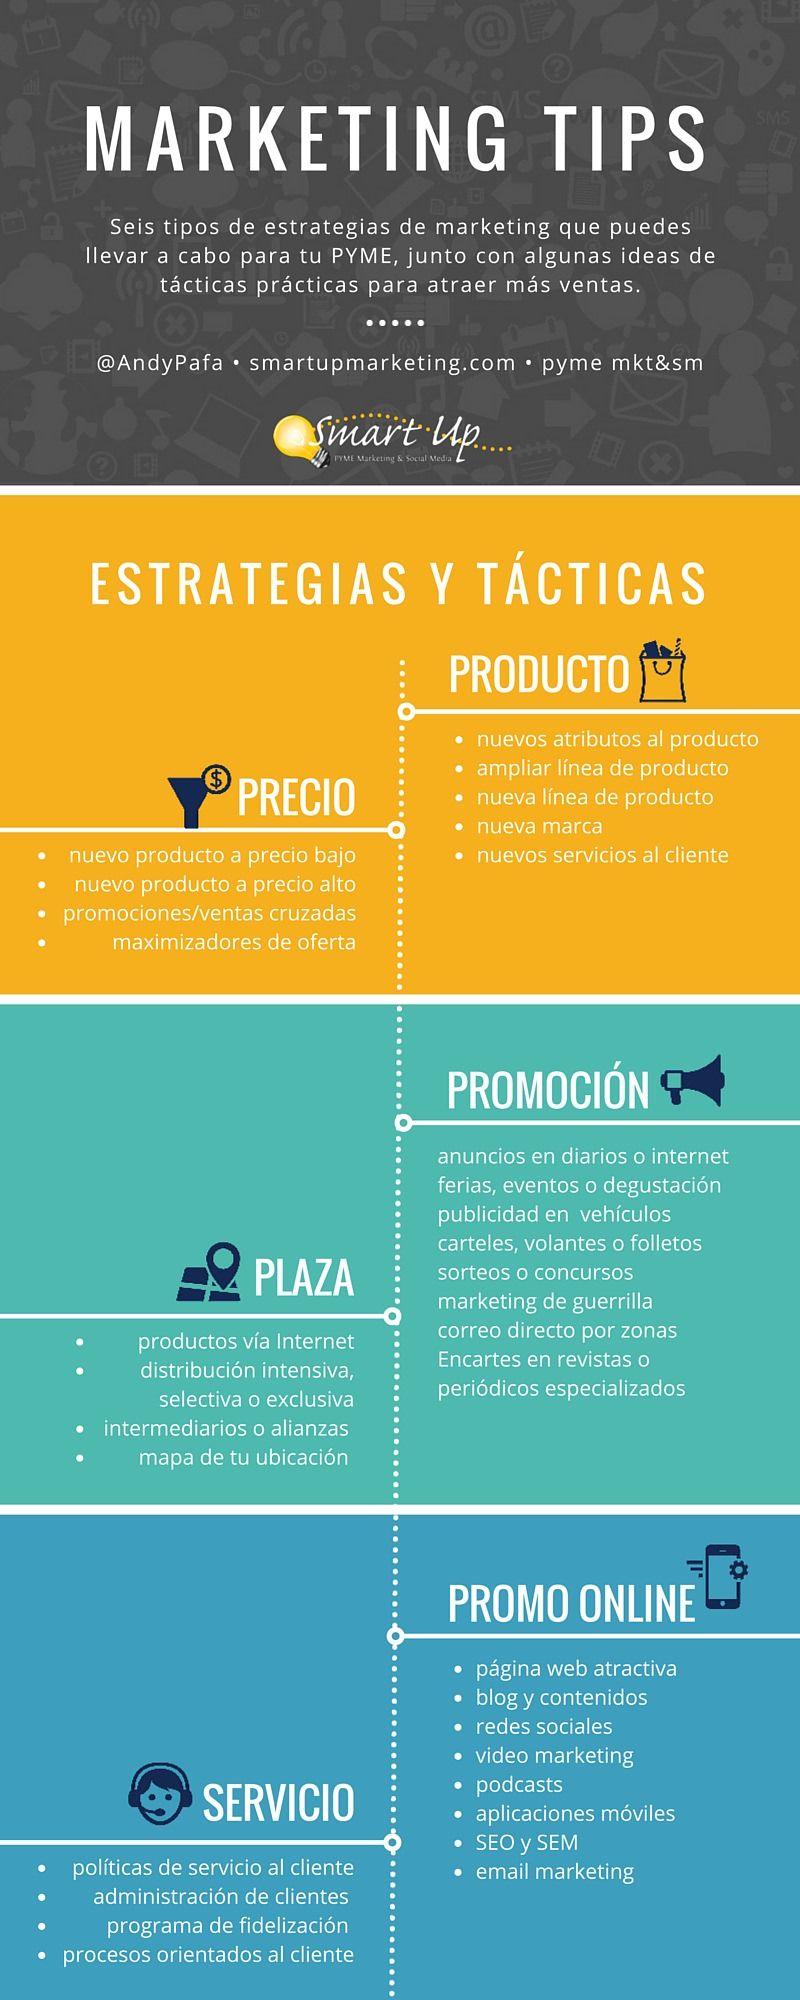 Marketing Tips Pyme Estrategias De Marketing Marketing Para Restaurantes Marketing